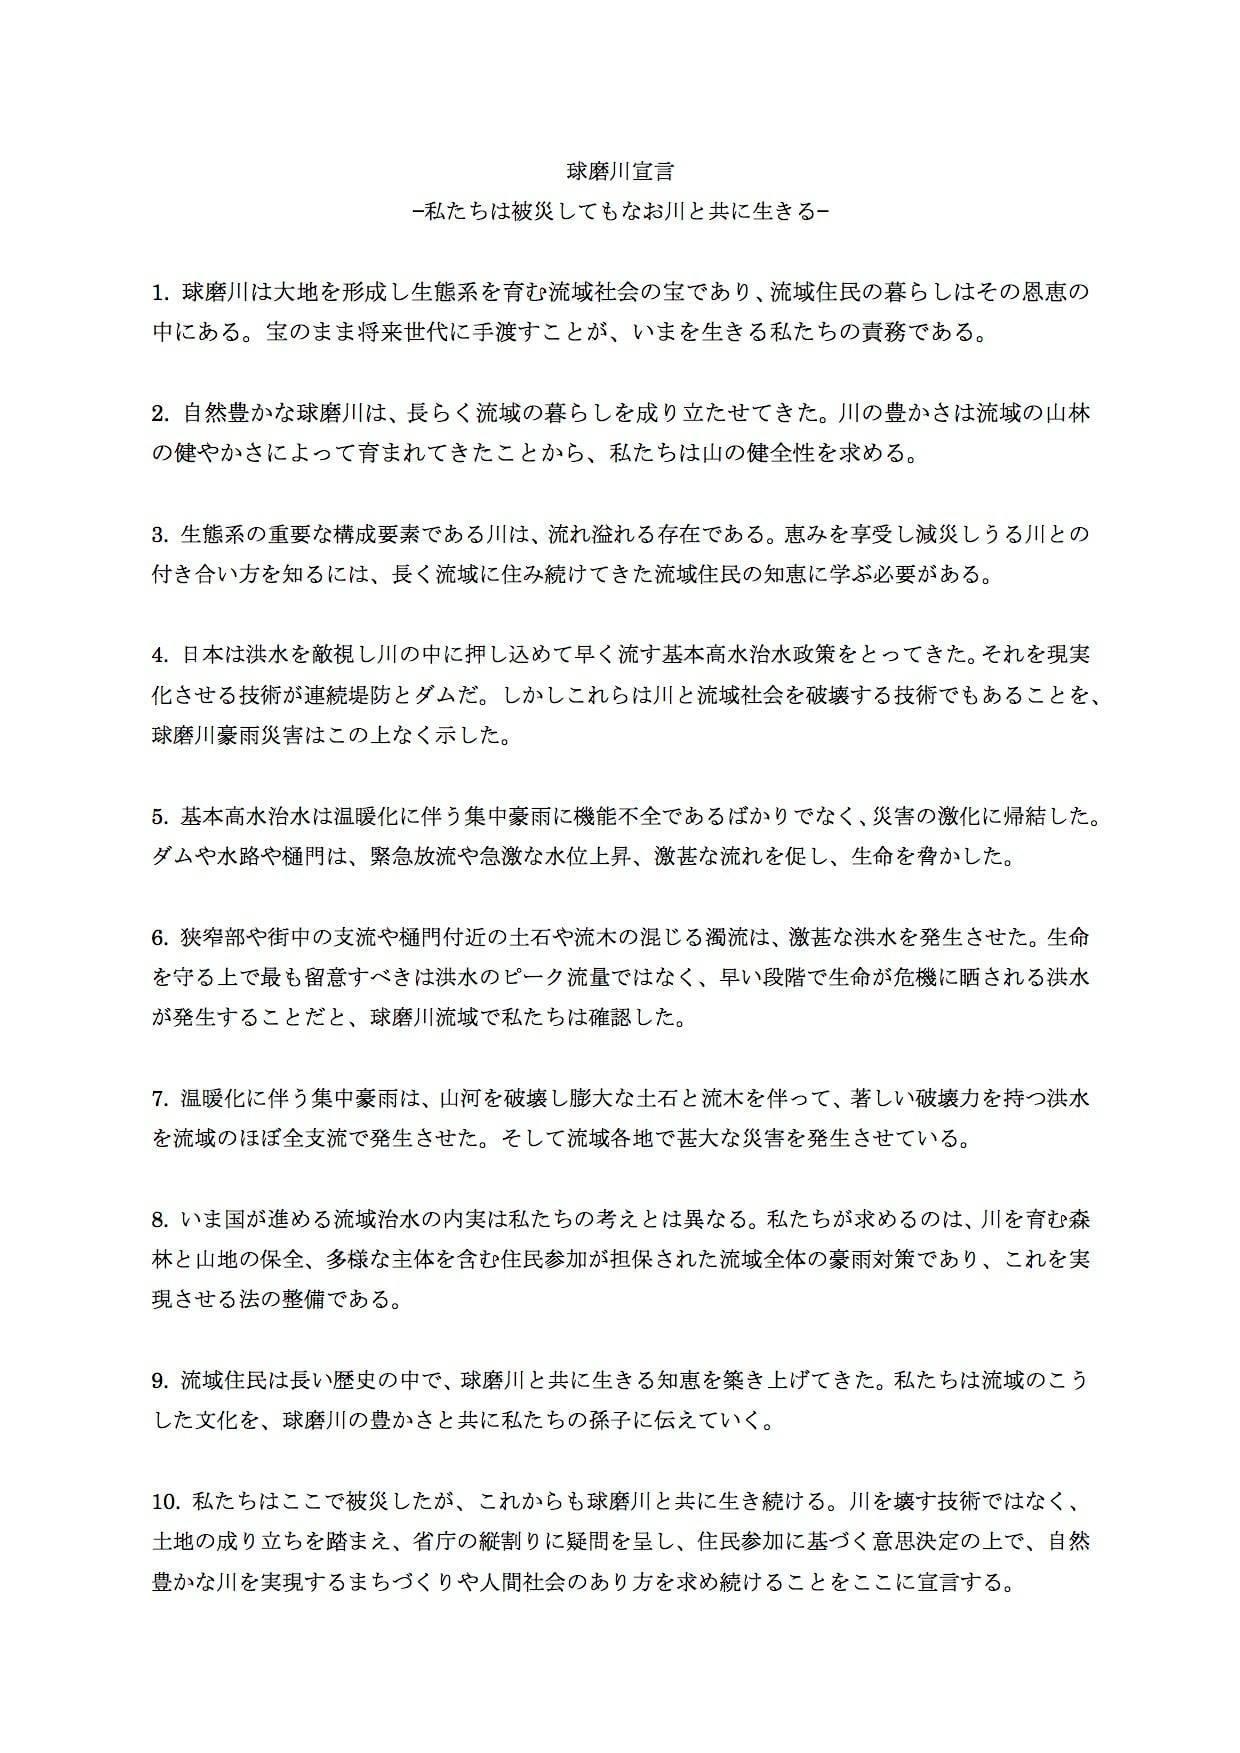 お詫びと最新の活動報告_d0284413_21364809.jpg